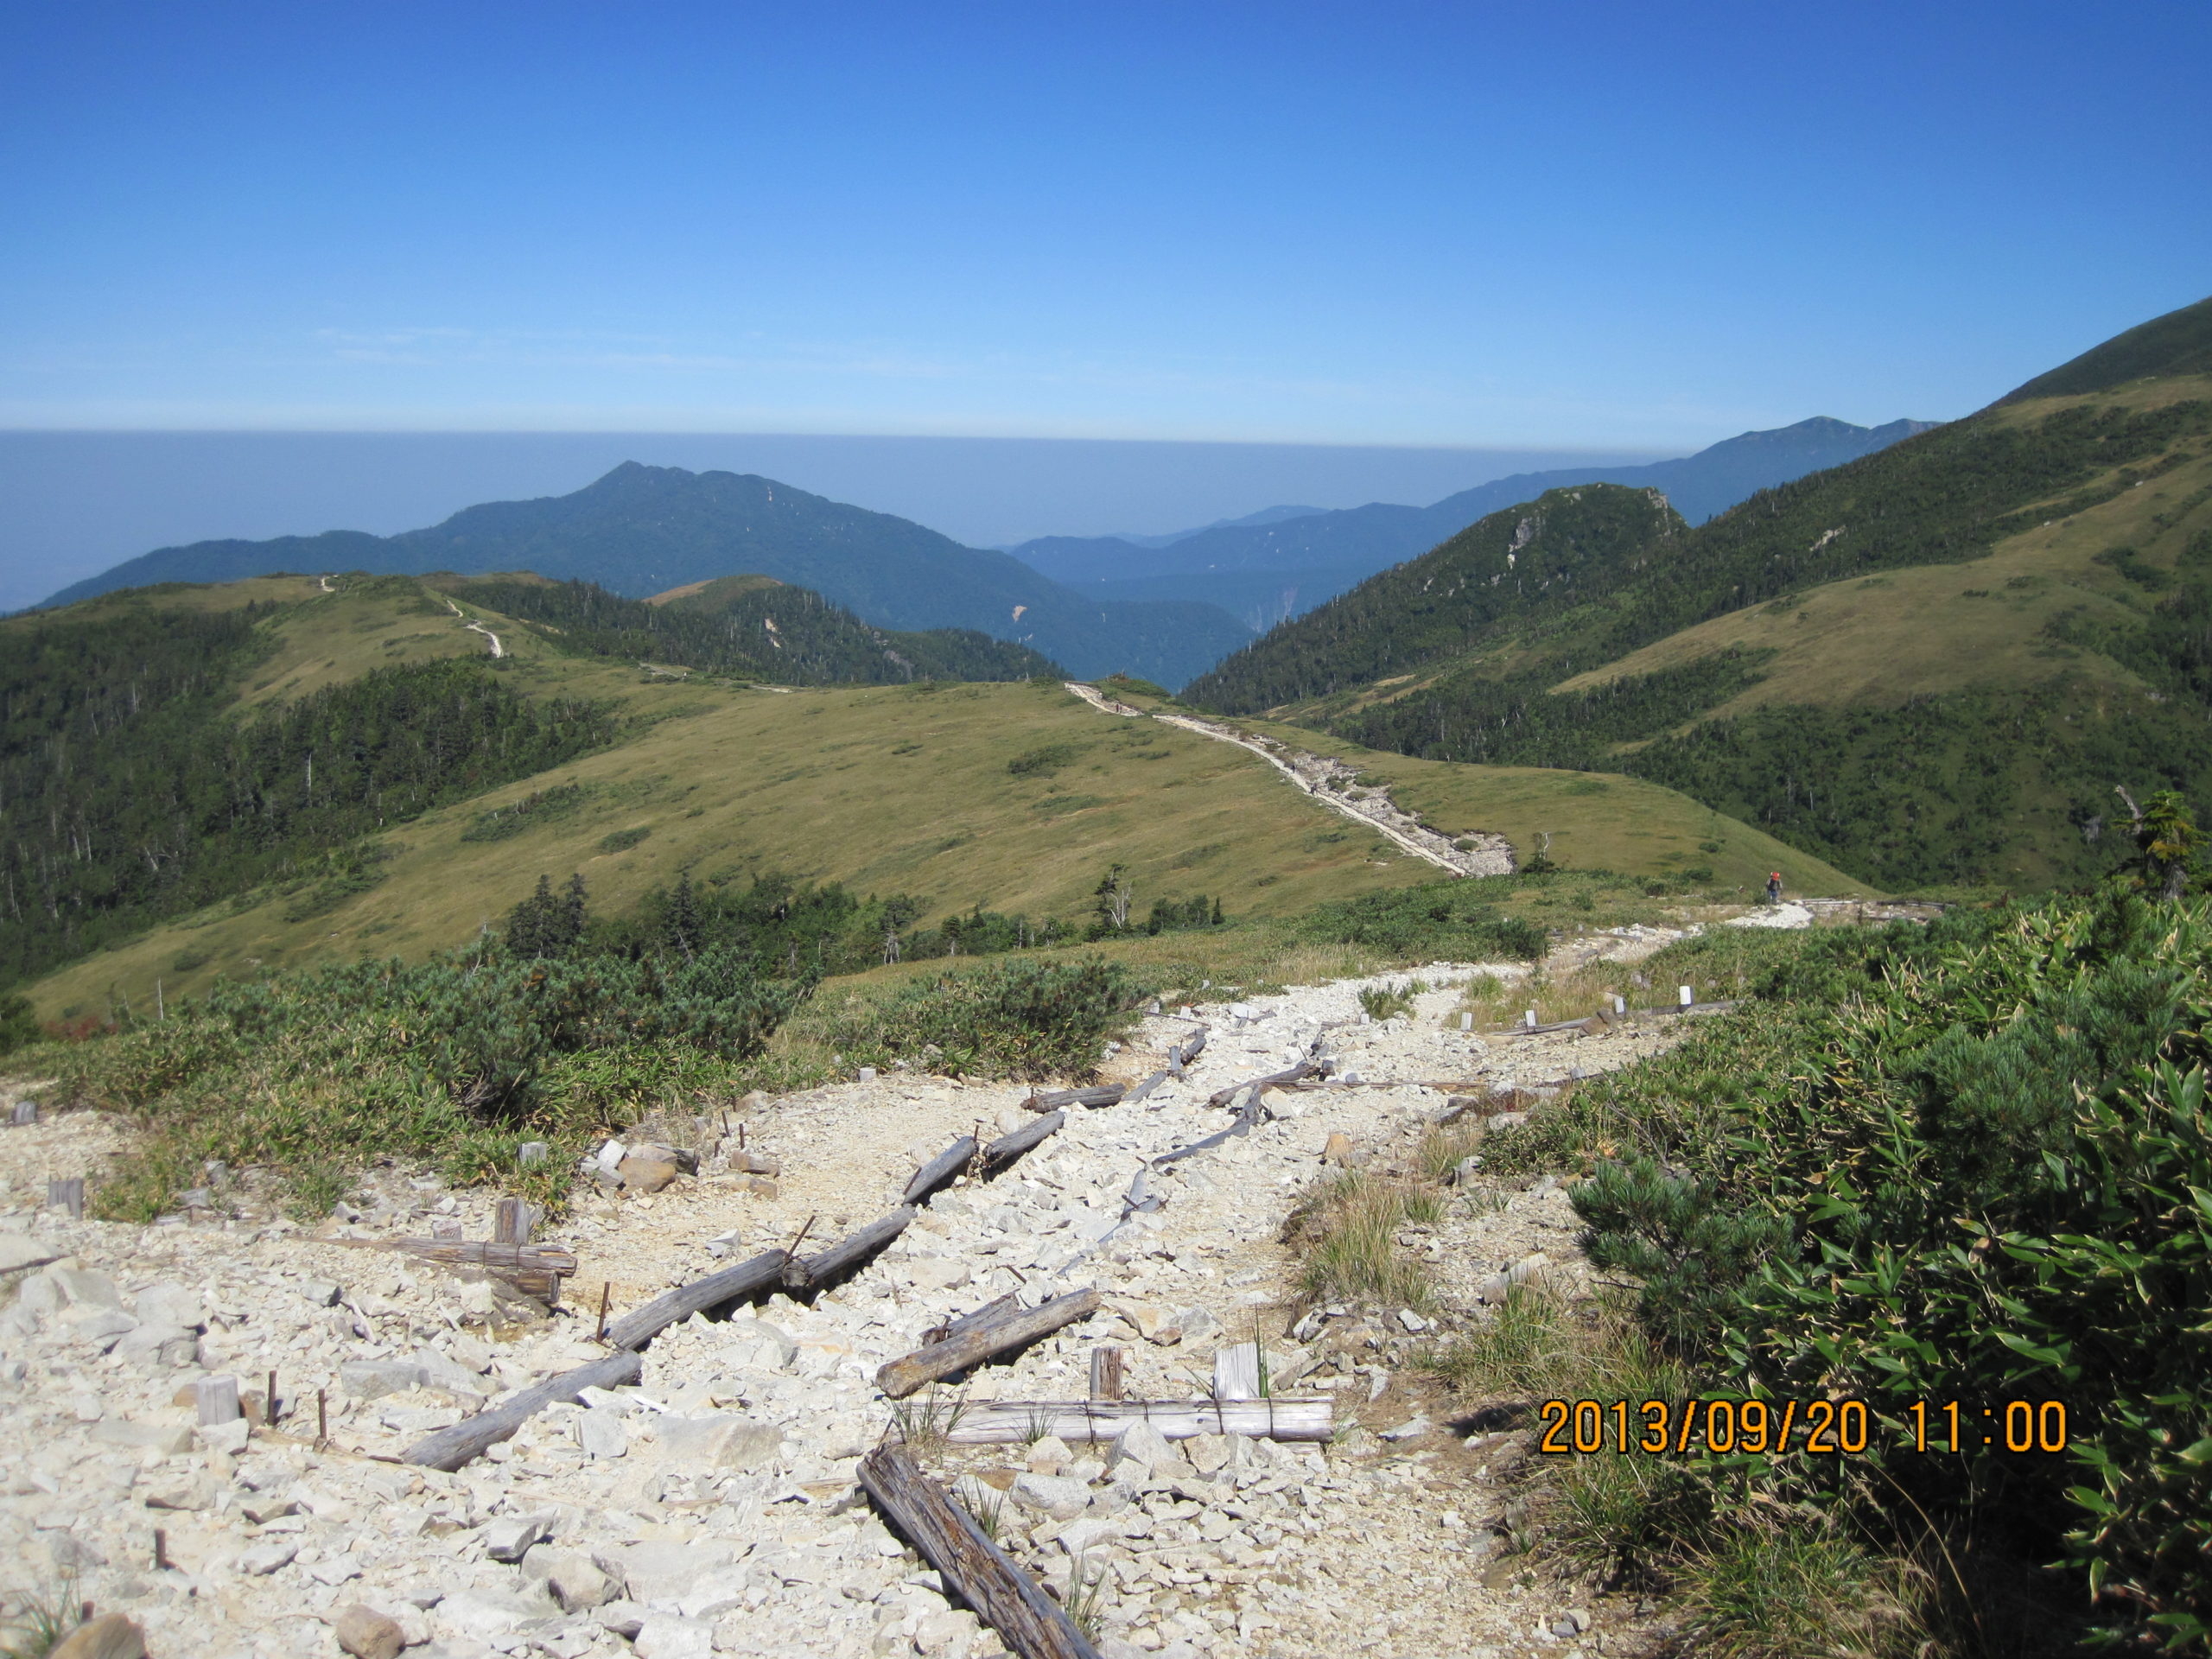 薬師岳で見た大気境界層1